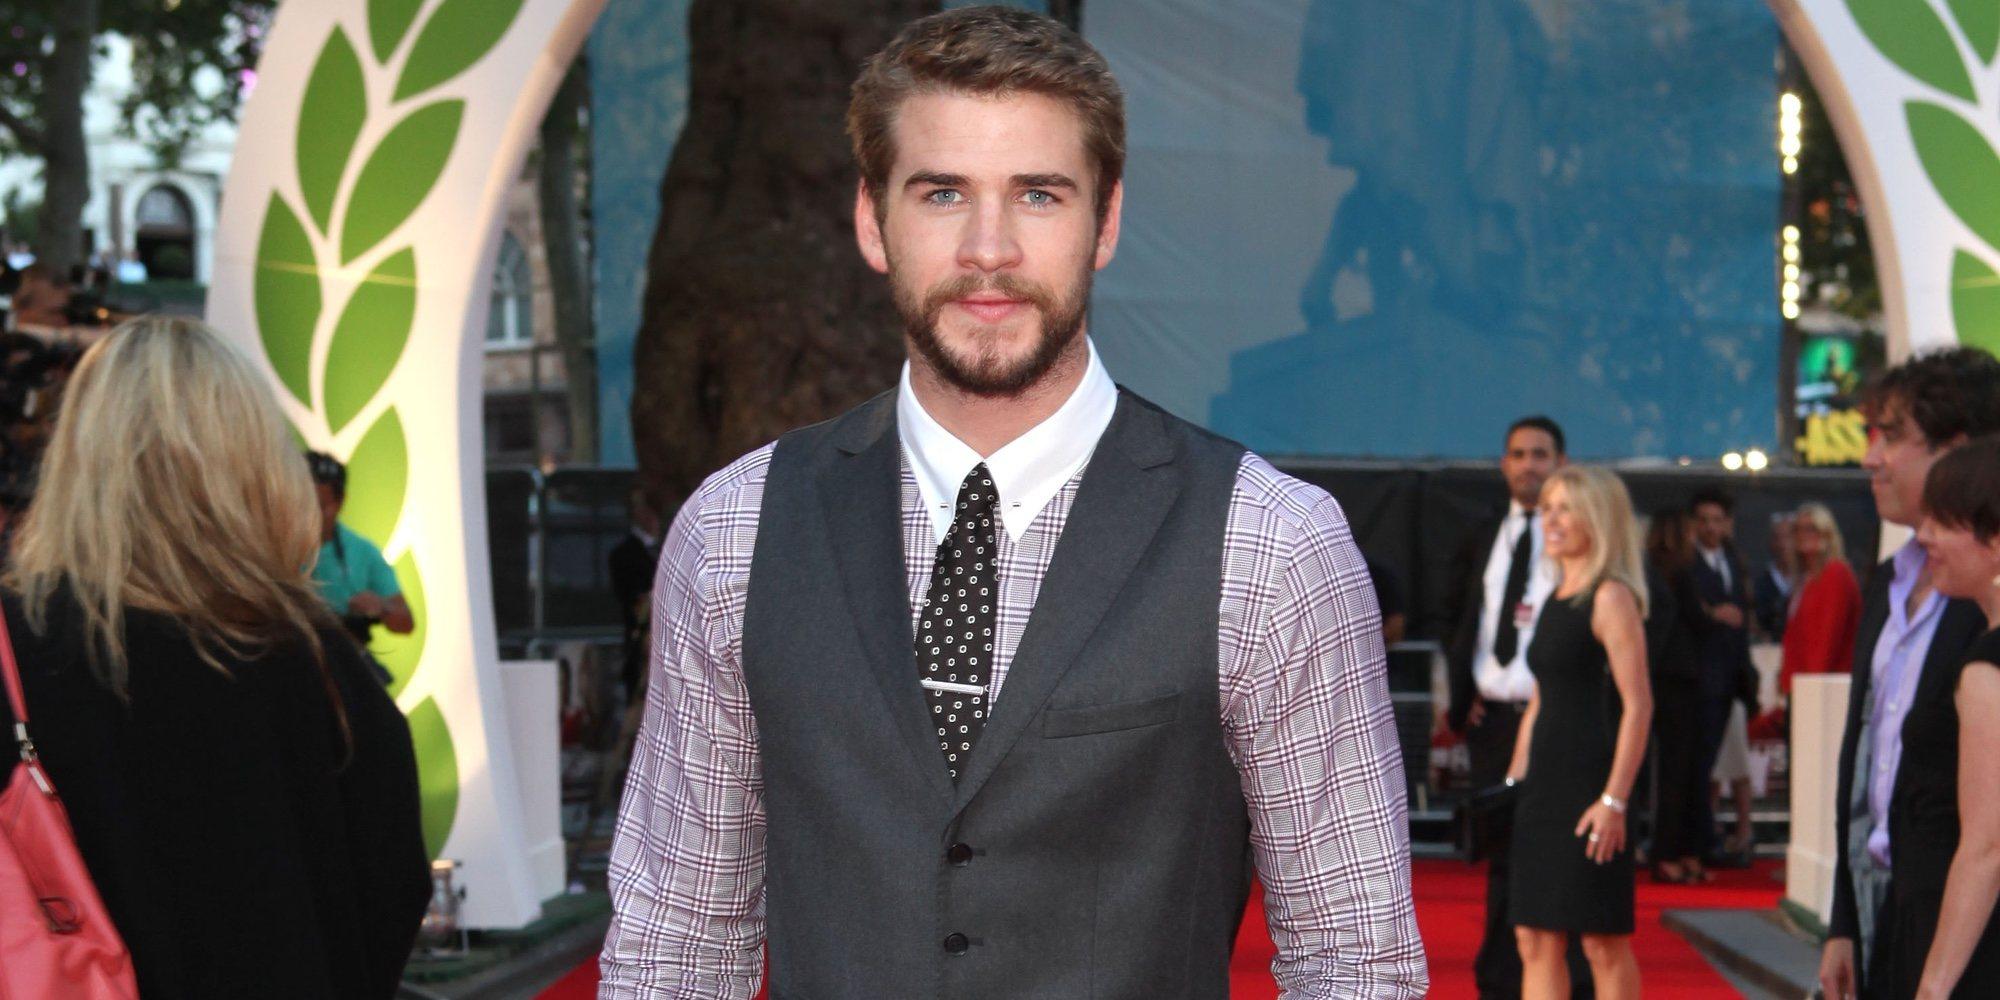 Liam Hemsworth reaparece con su familia después de su separación de Miley Cyrus